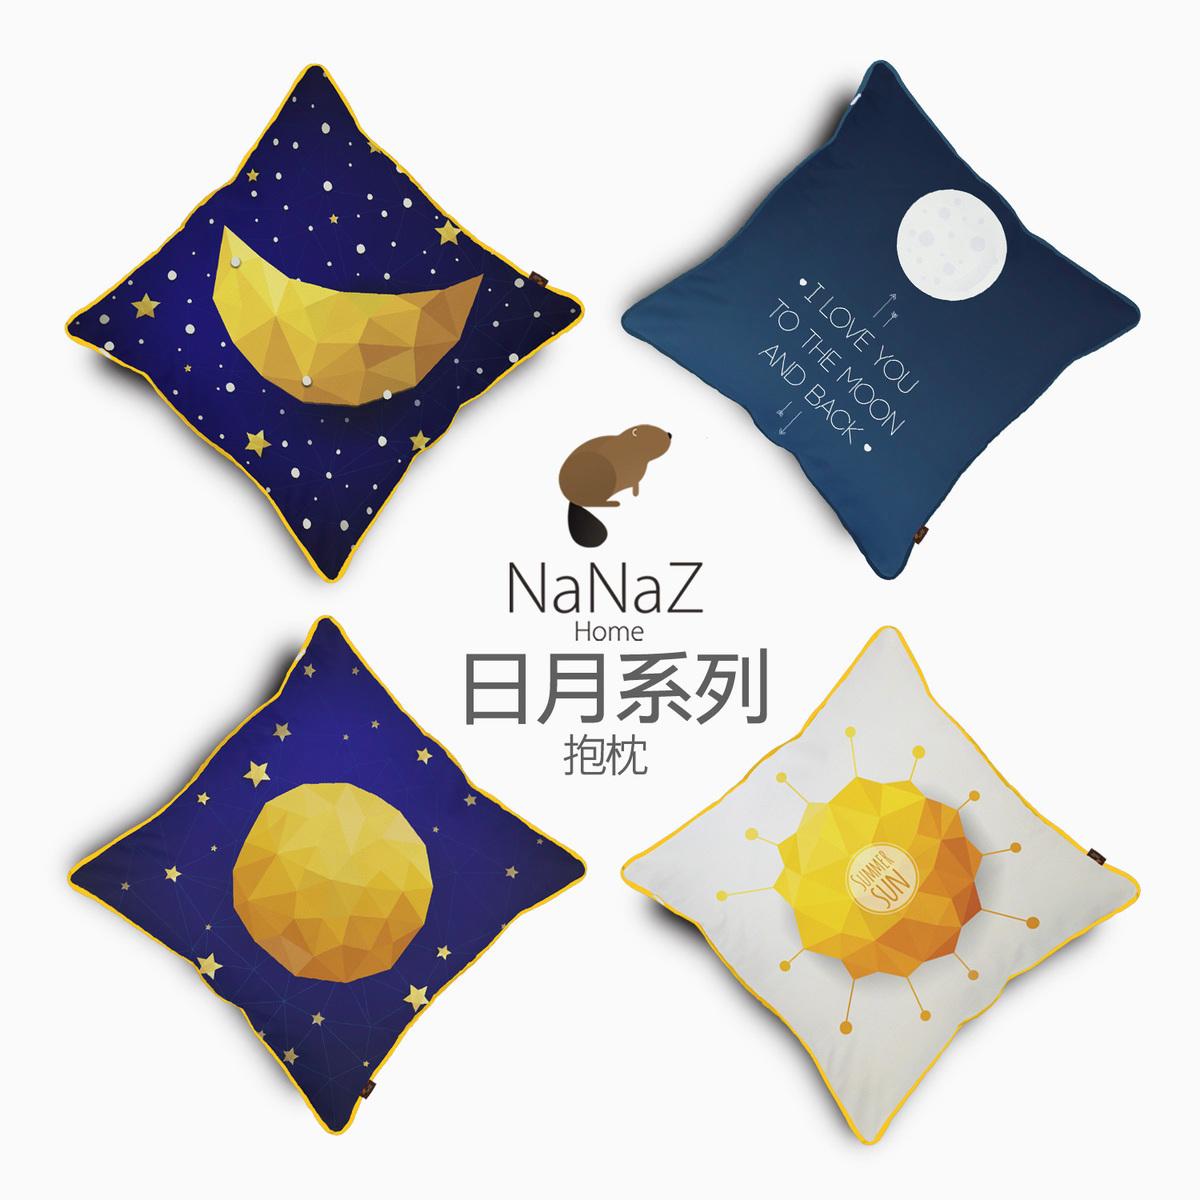 设计师日月星辰系列 简约几何沙发抱枕靠垫简约毛绒 办公室腰靠